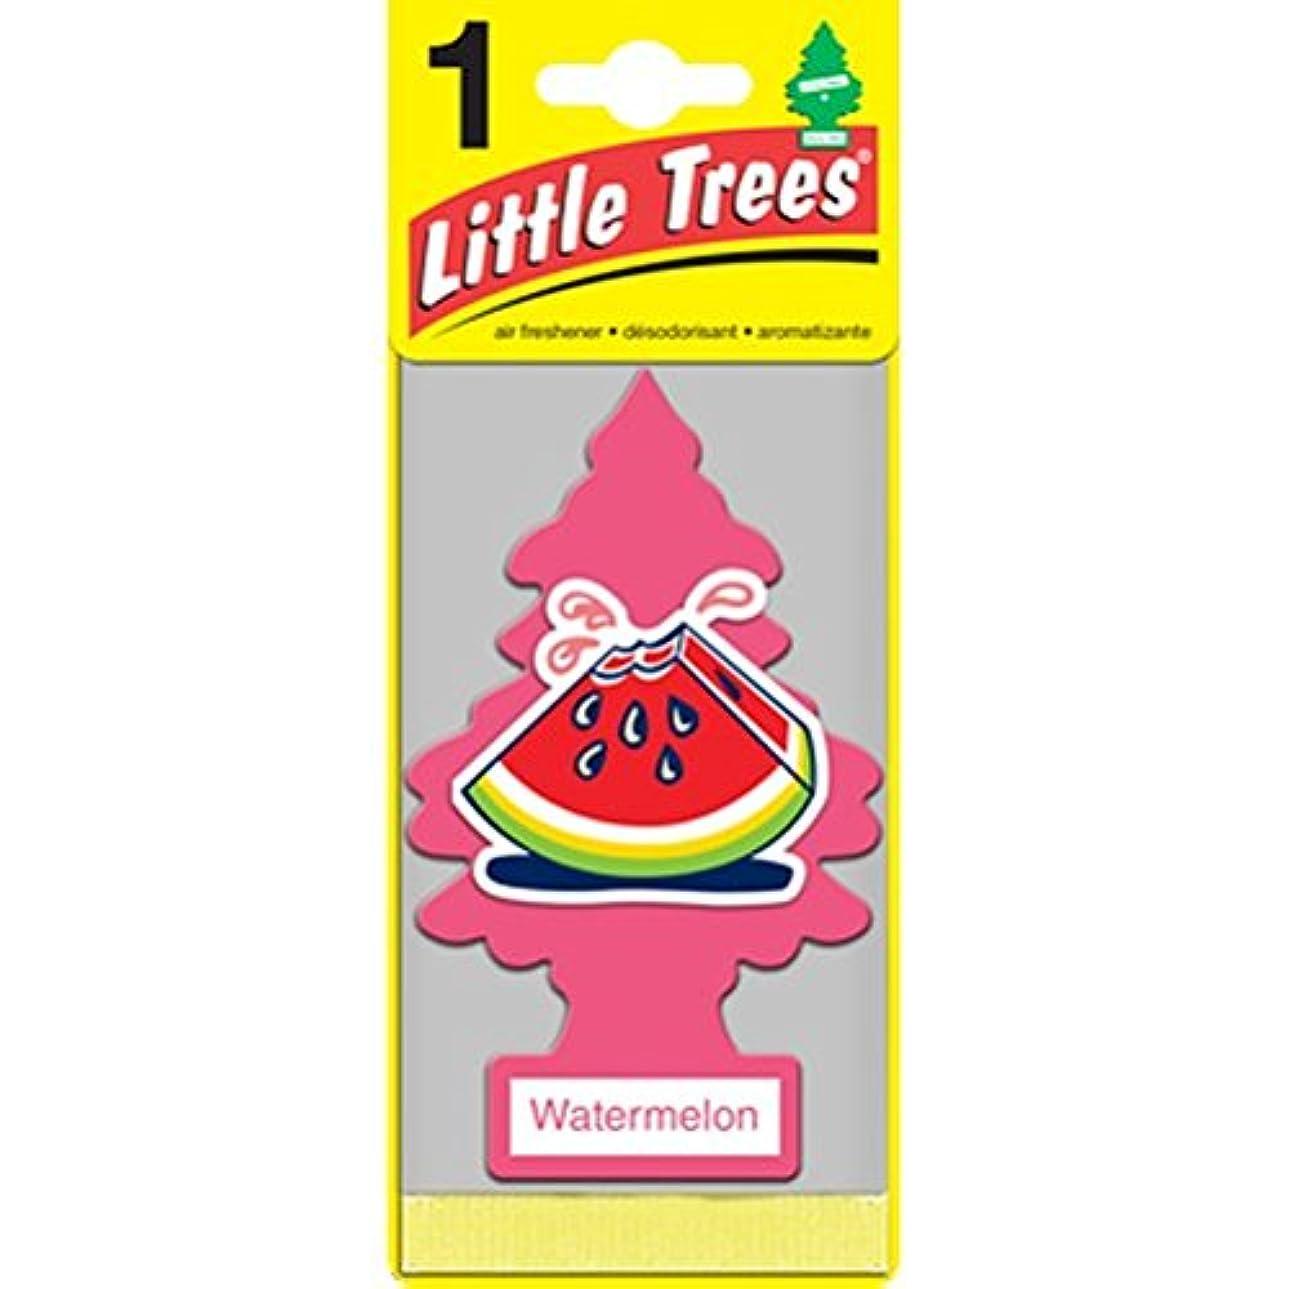 名詞テクトニック事Little Trees Watermelon 吊り下げタイプ air freshener 3-paks(3枚入り)